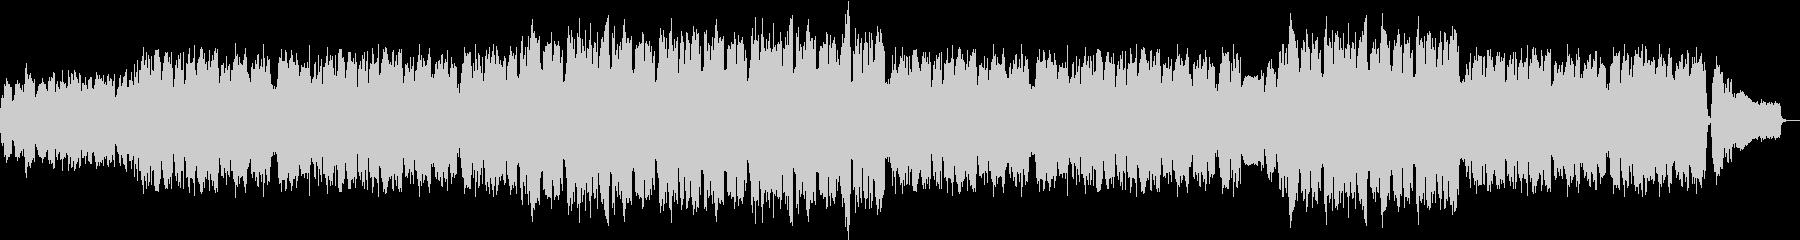 クラシック風弦楽4重奏のセレモニー曲の未再生の波形